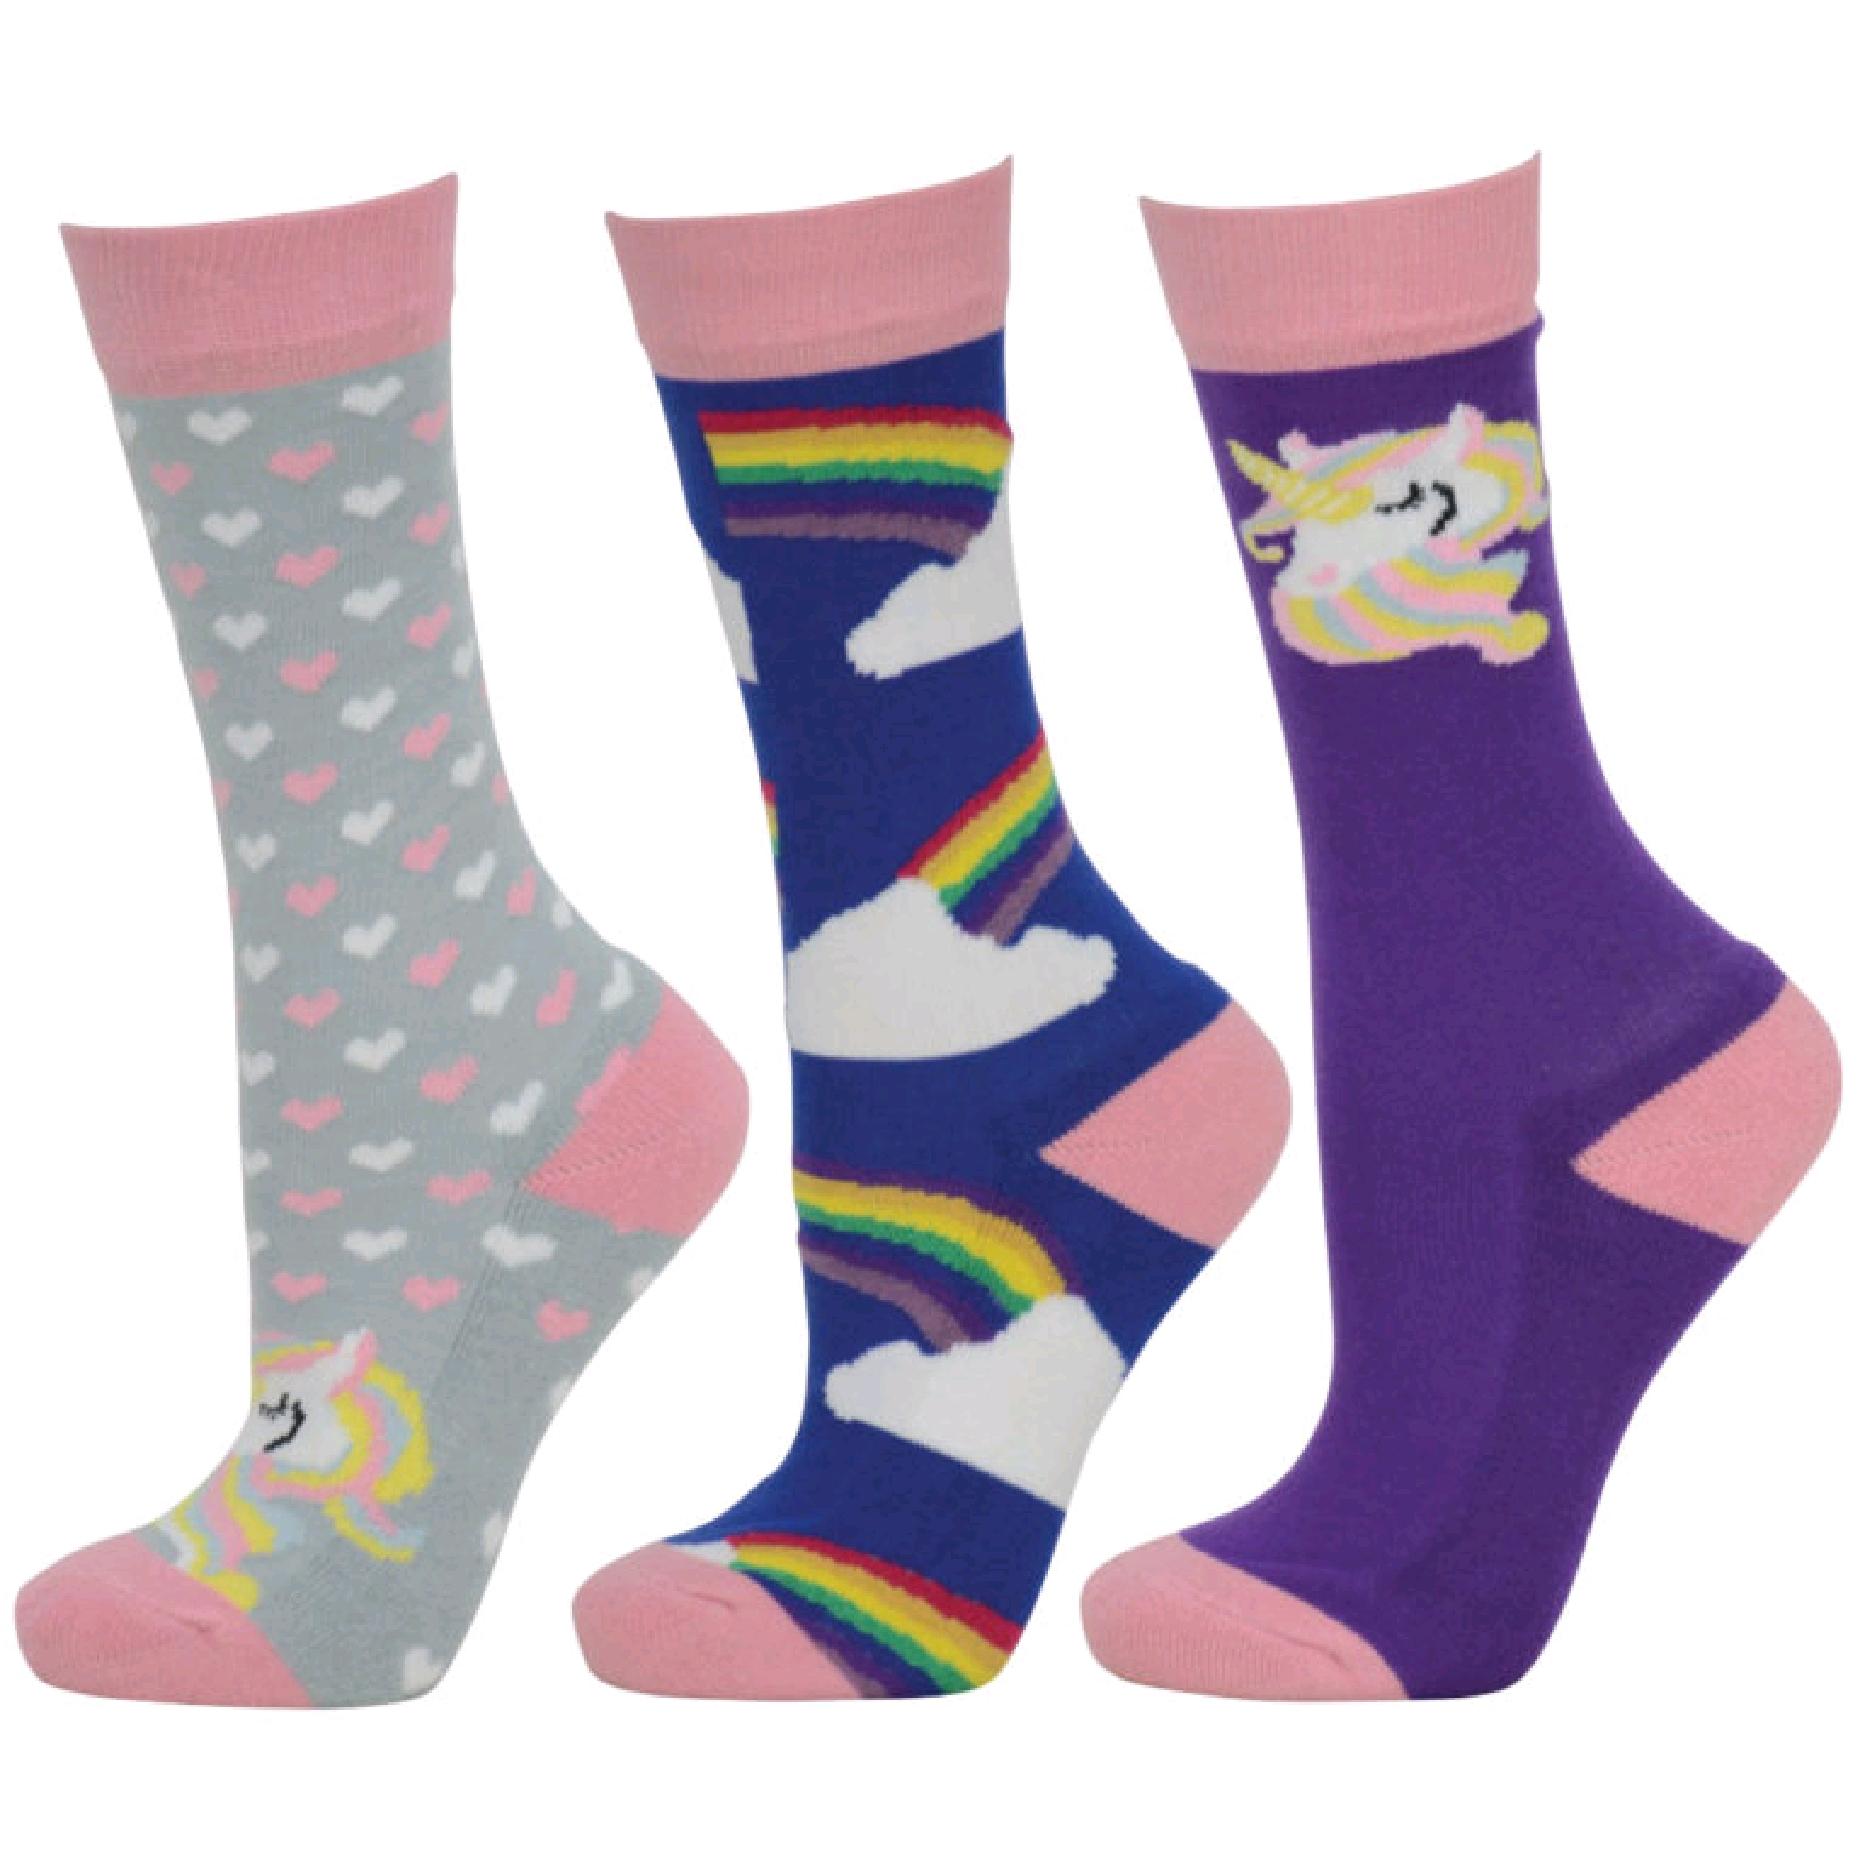 HY Child Socks (Pack Of 3)